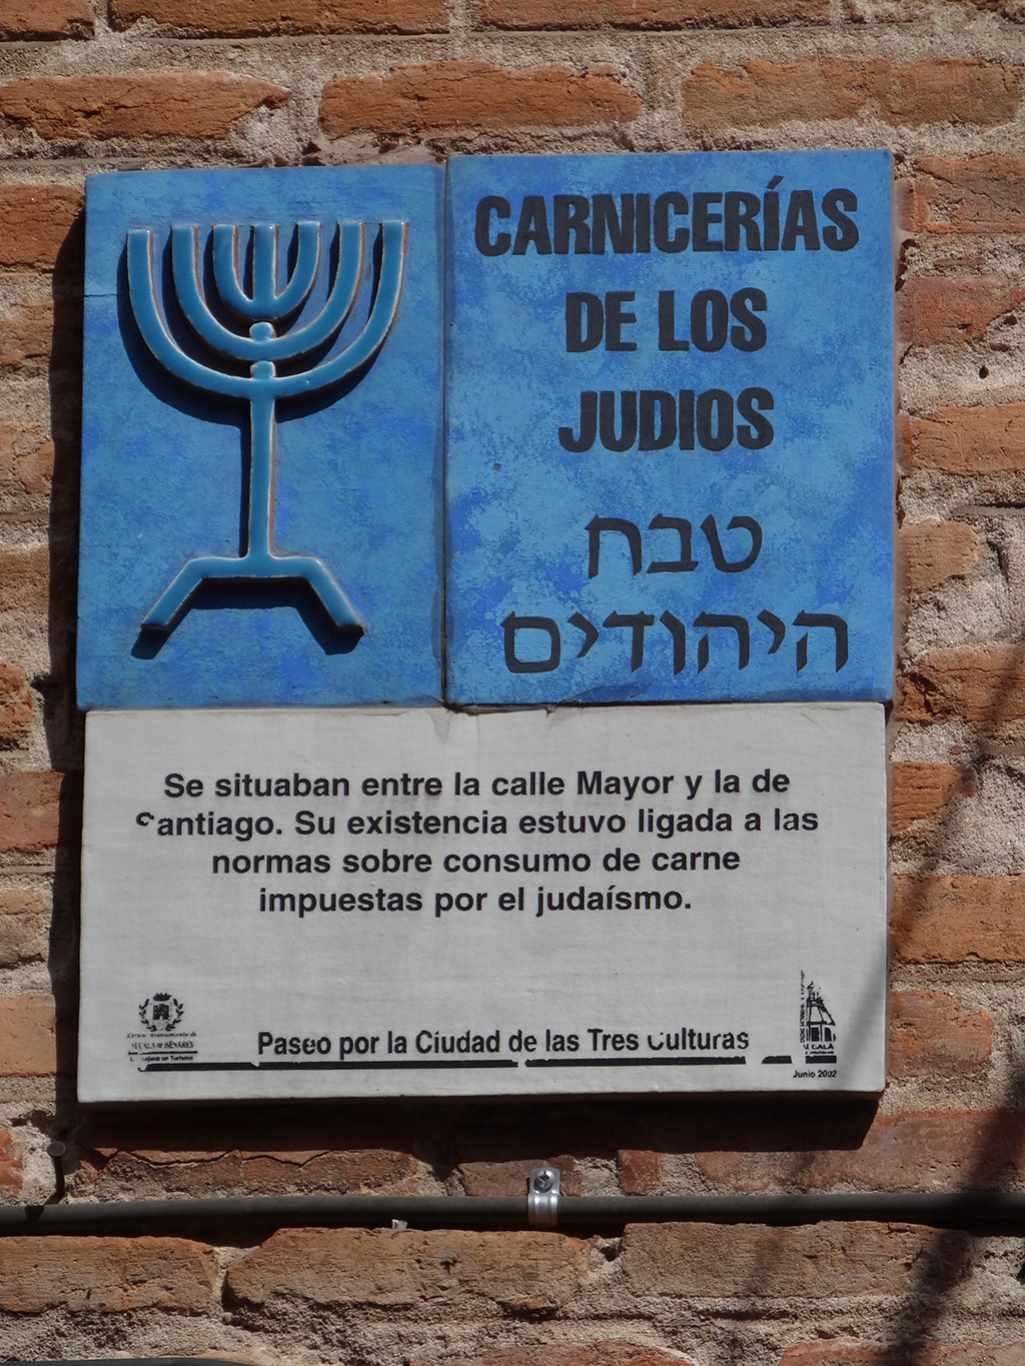 Casas Calle Mayor, la Alcalá judía